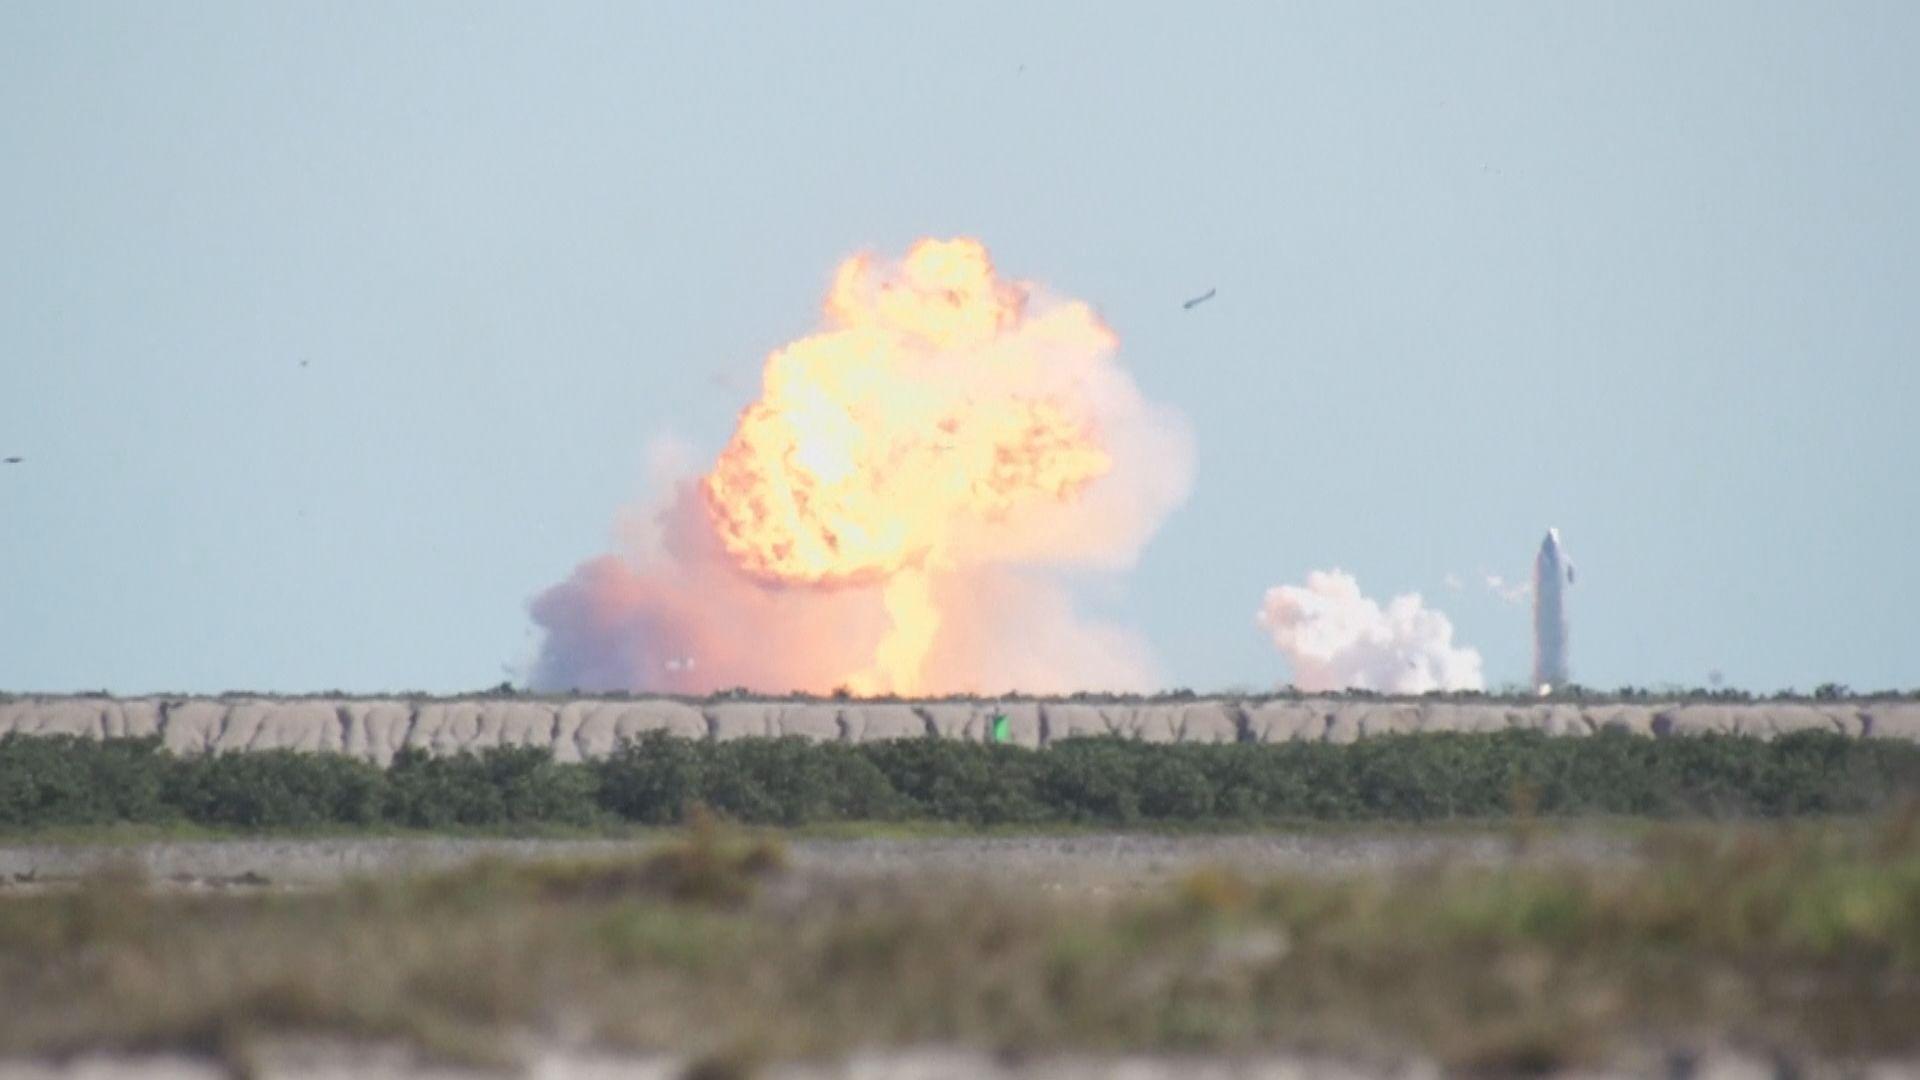 SpaceX星際飛船火箭試飛著陸兩個月二次降落失敗